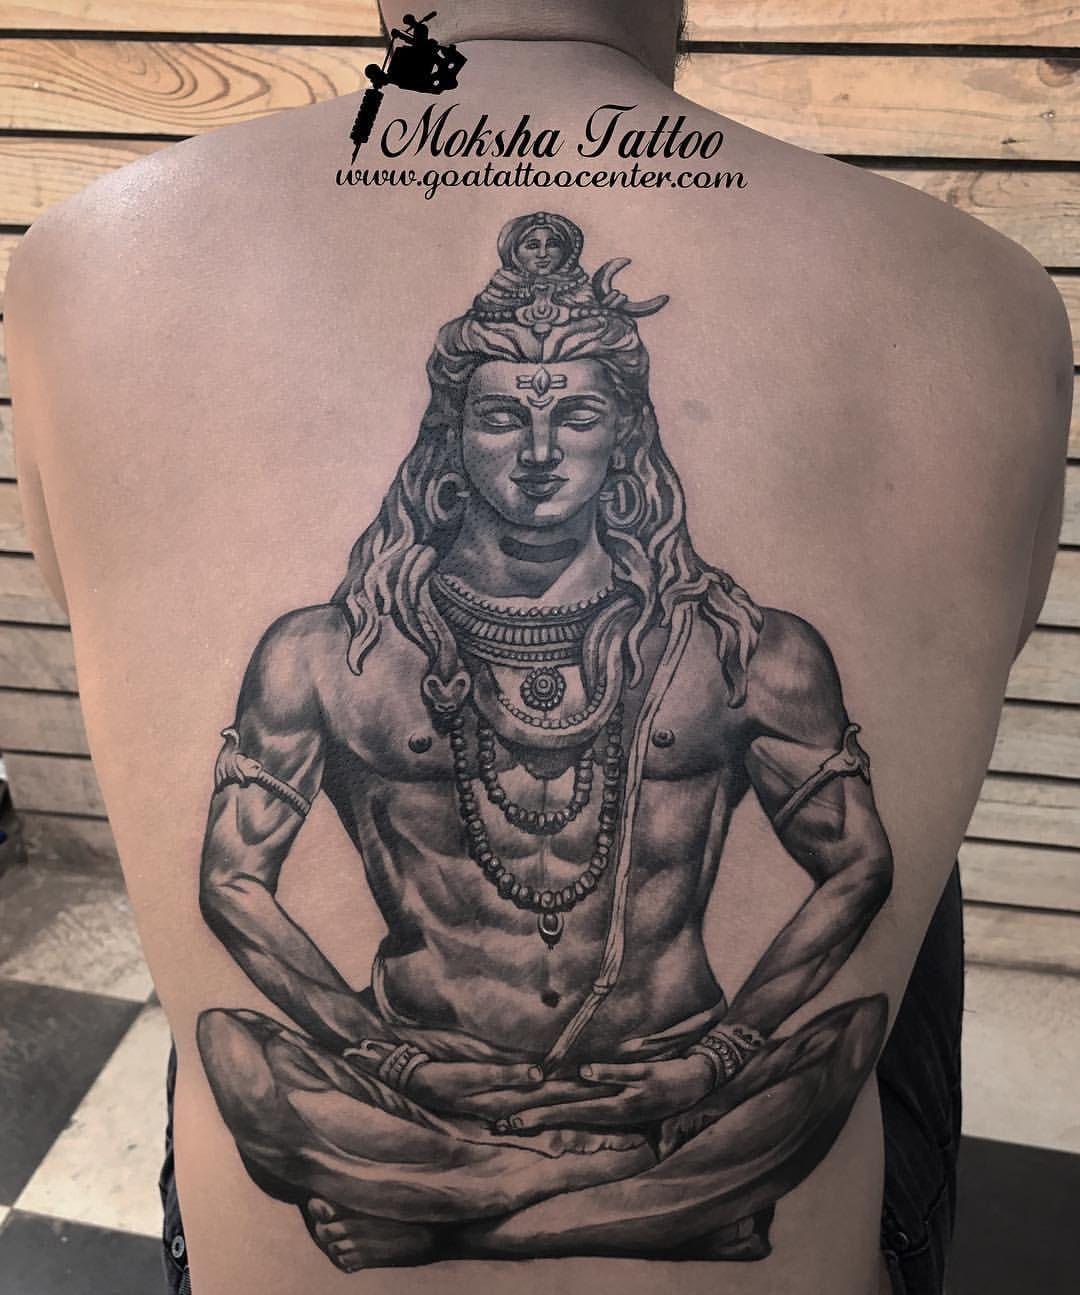 602fd3e6e 278 Likes, 11 Comments - Moksha Tattoo Studio (@mokshatattoostudiogoa) on  Instagram: